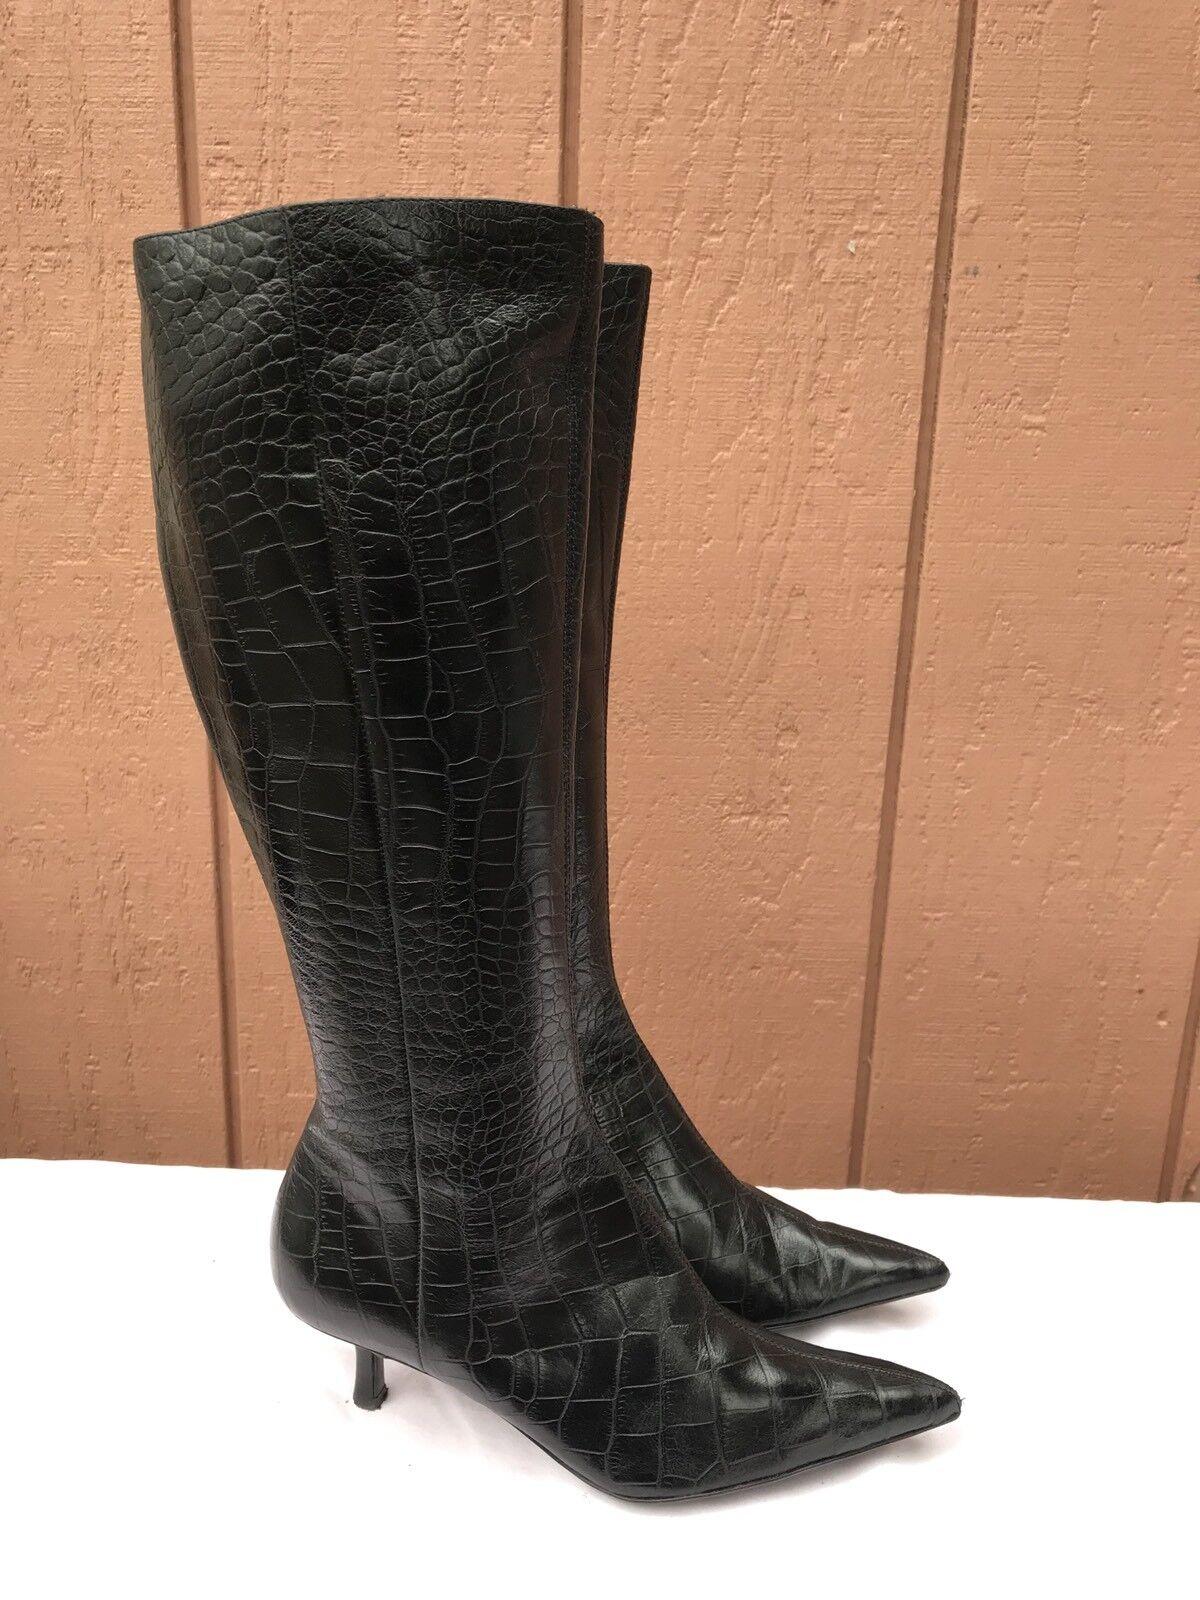 Usado en excelente estado Nine West shoulderr nosotros 6M botas De Impresión De Cocodrilo Negro De Taco Alto Mujer Zapatos